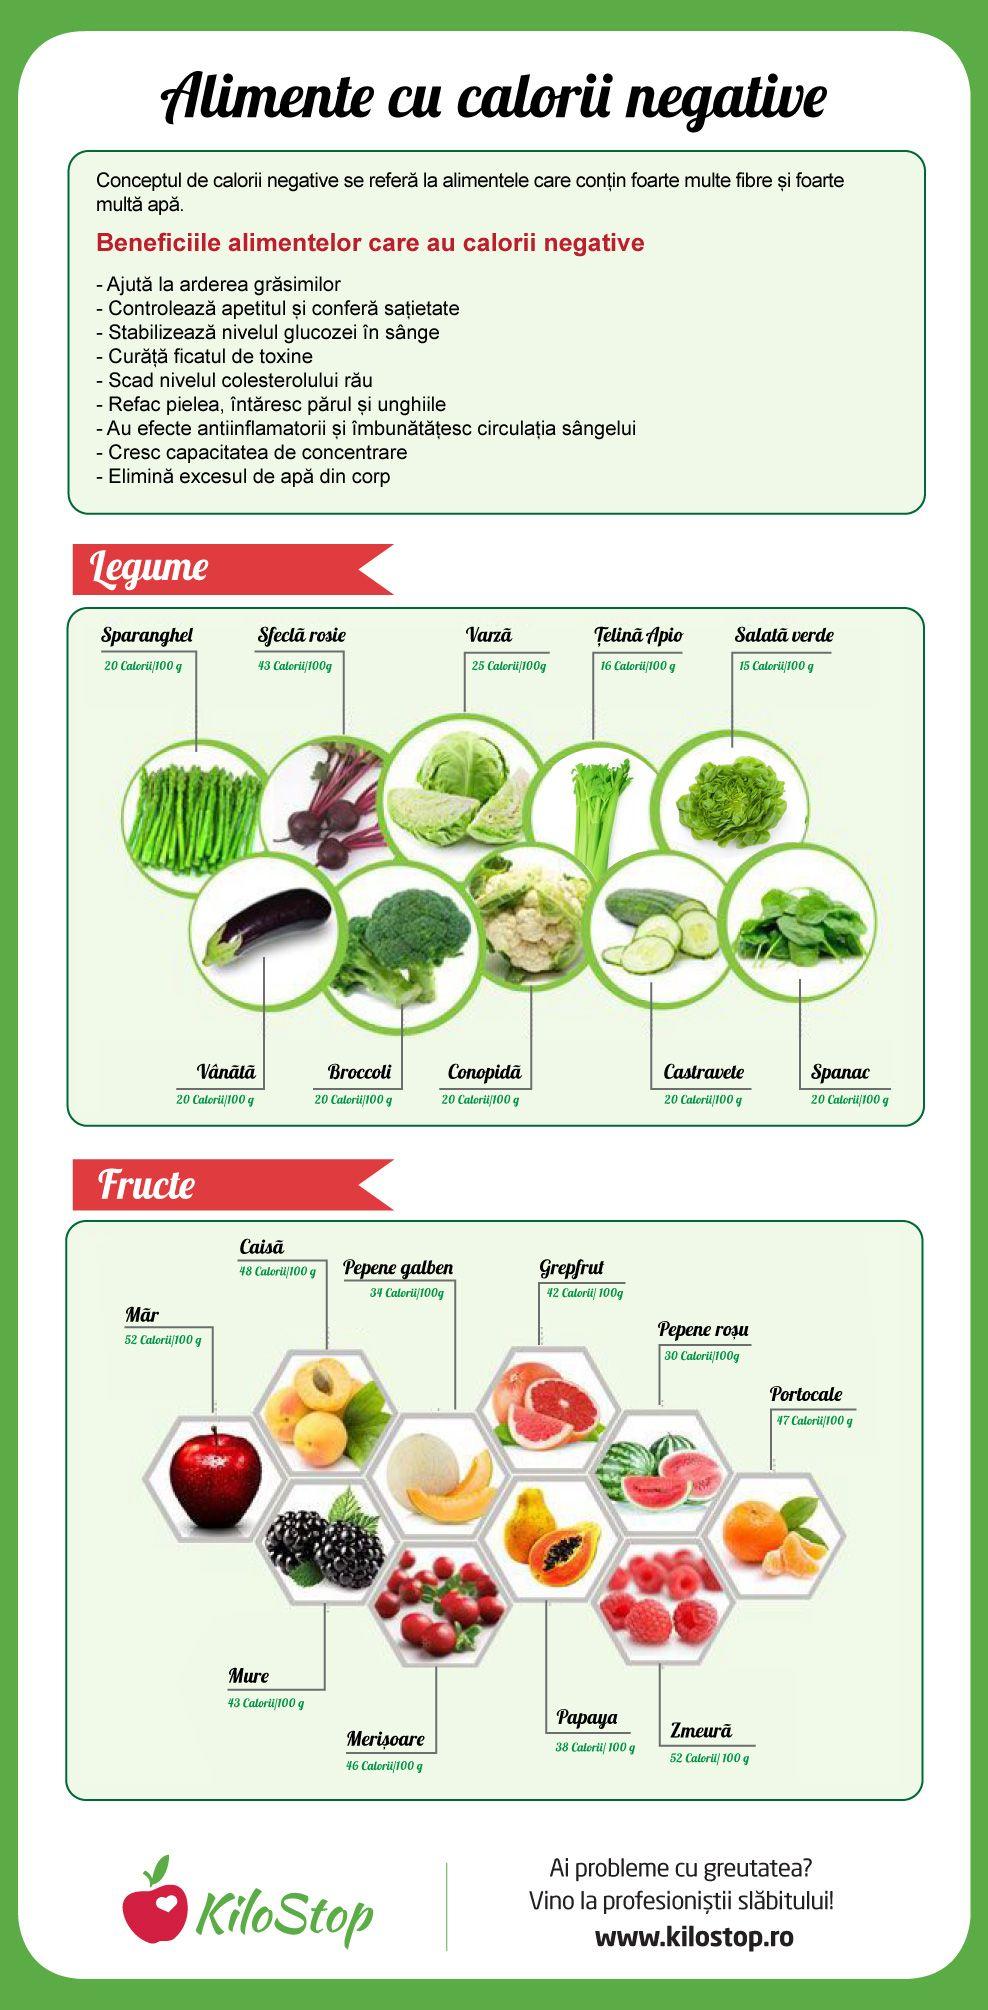 pierdere în greutate sănătoasă într-un an)